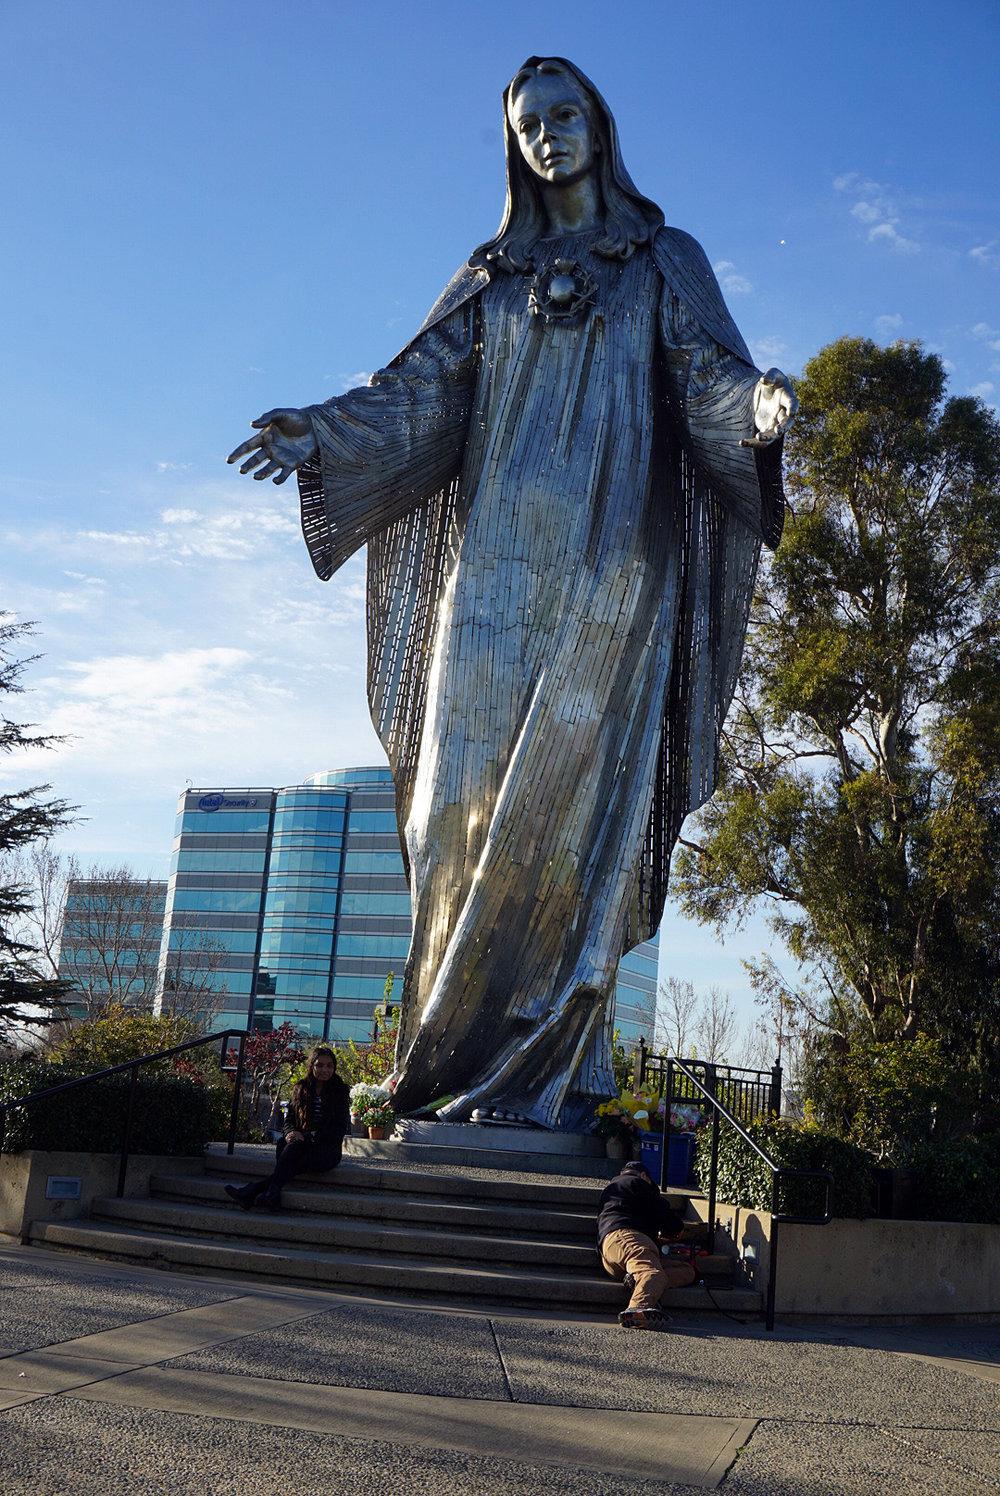 Oakland-California-Statues-Landmarks-Travel-Traveller-LINDATENCHITRAN-Blogger-13-1616x1080.jpg